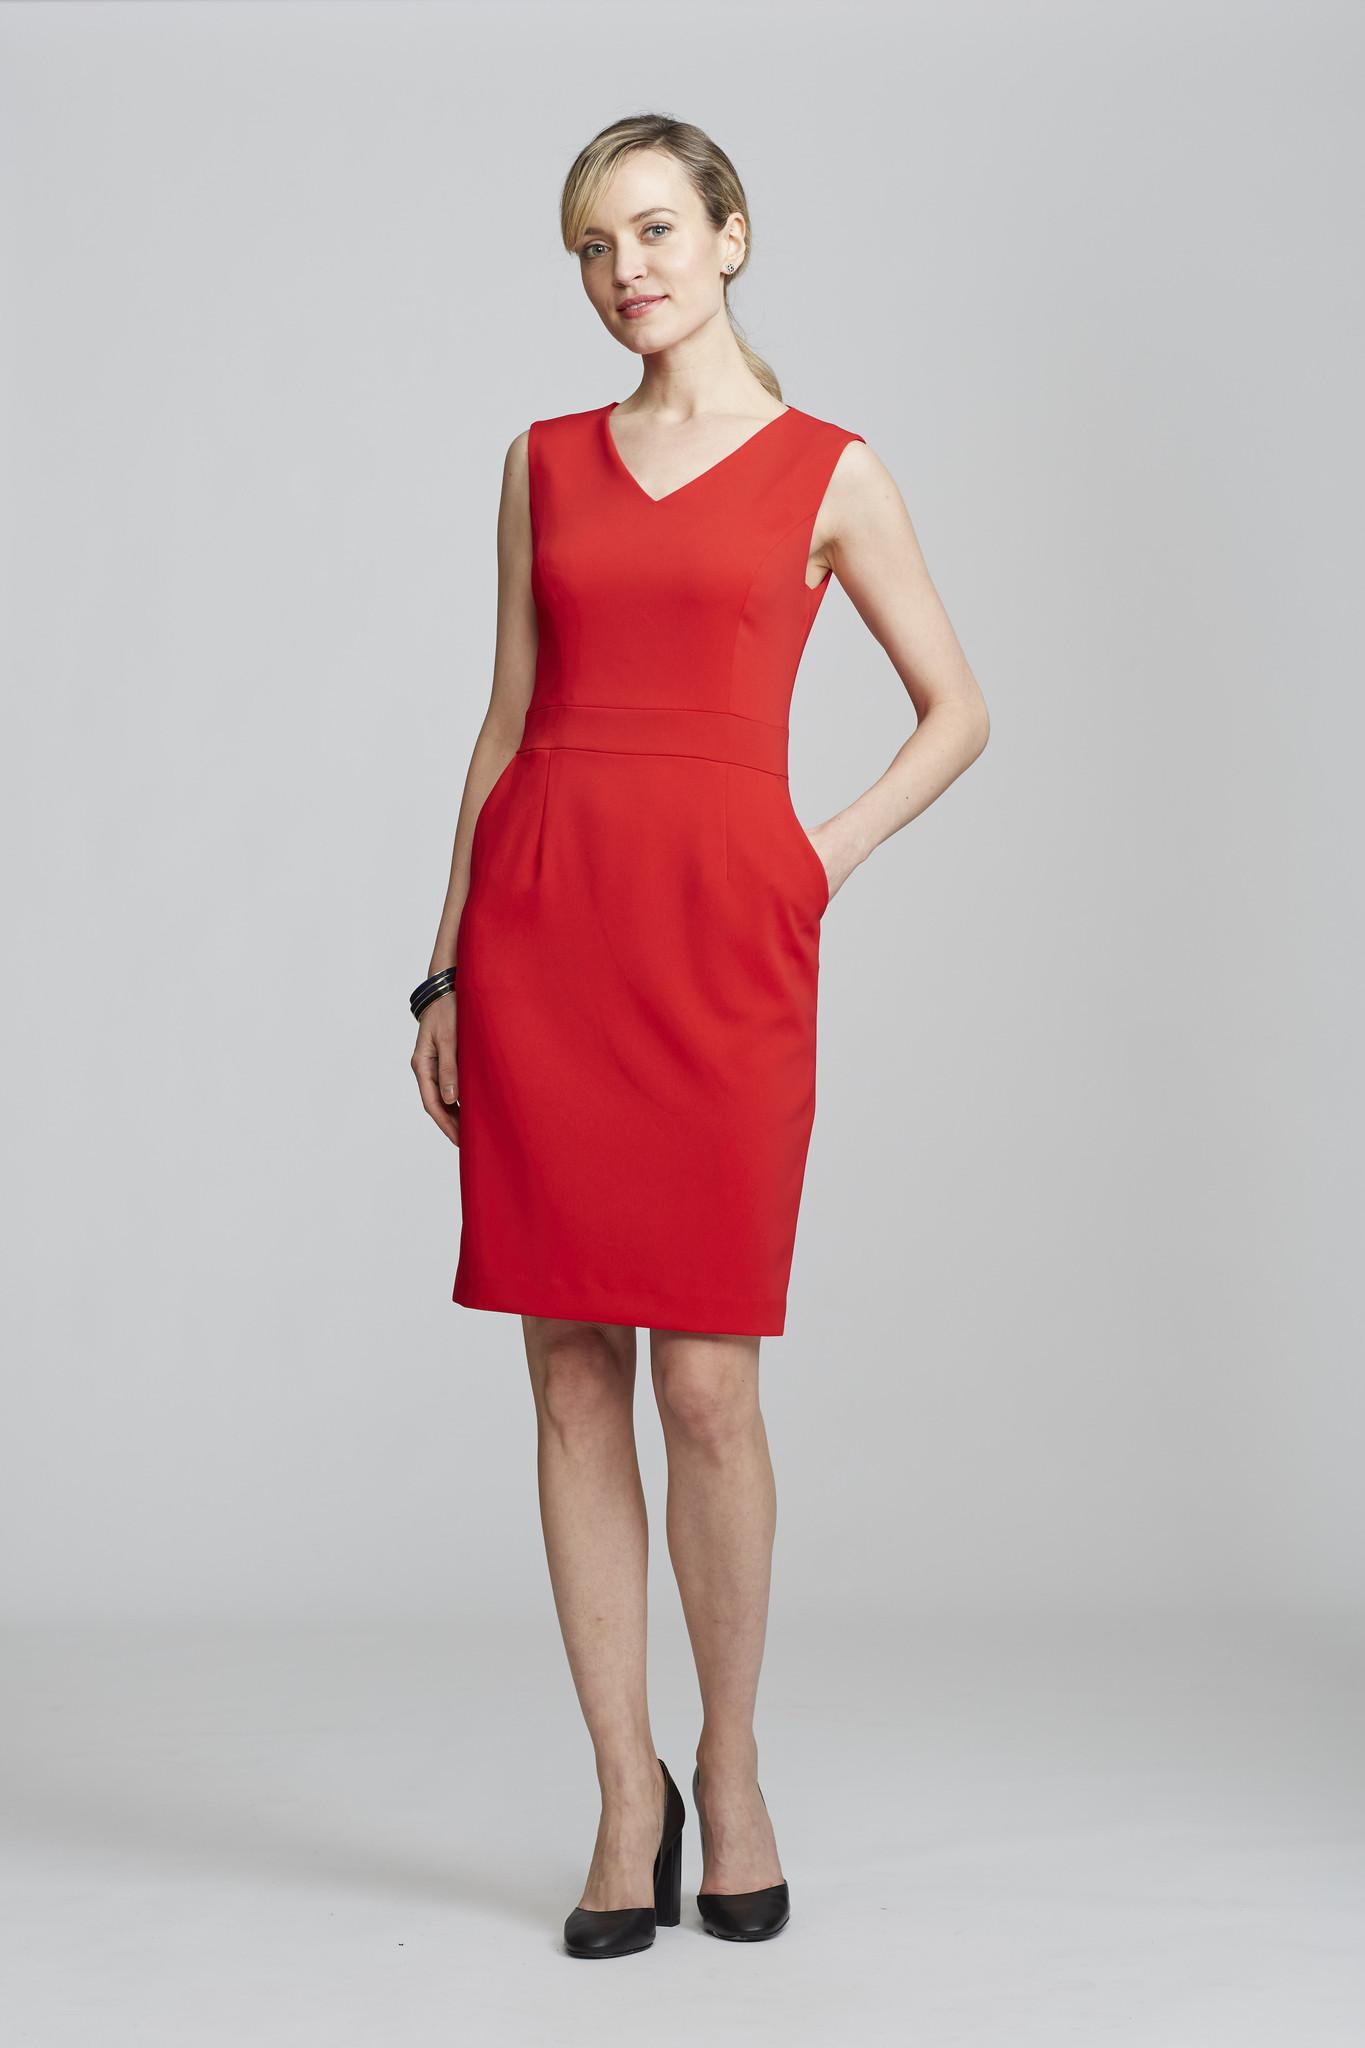 nora gardner interview - office fashion - ALYSSA DRESS - briar prestidge- deals in high heels